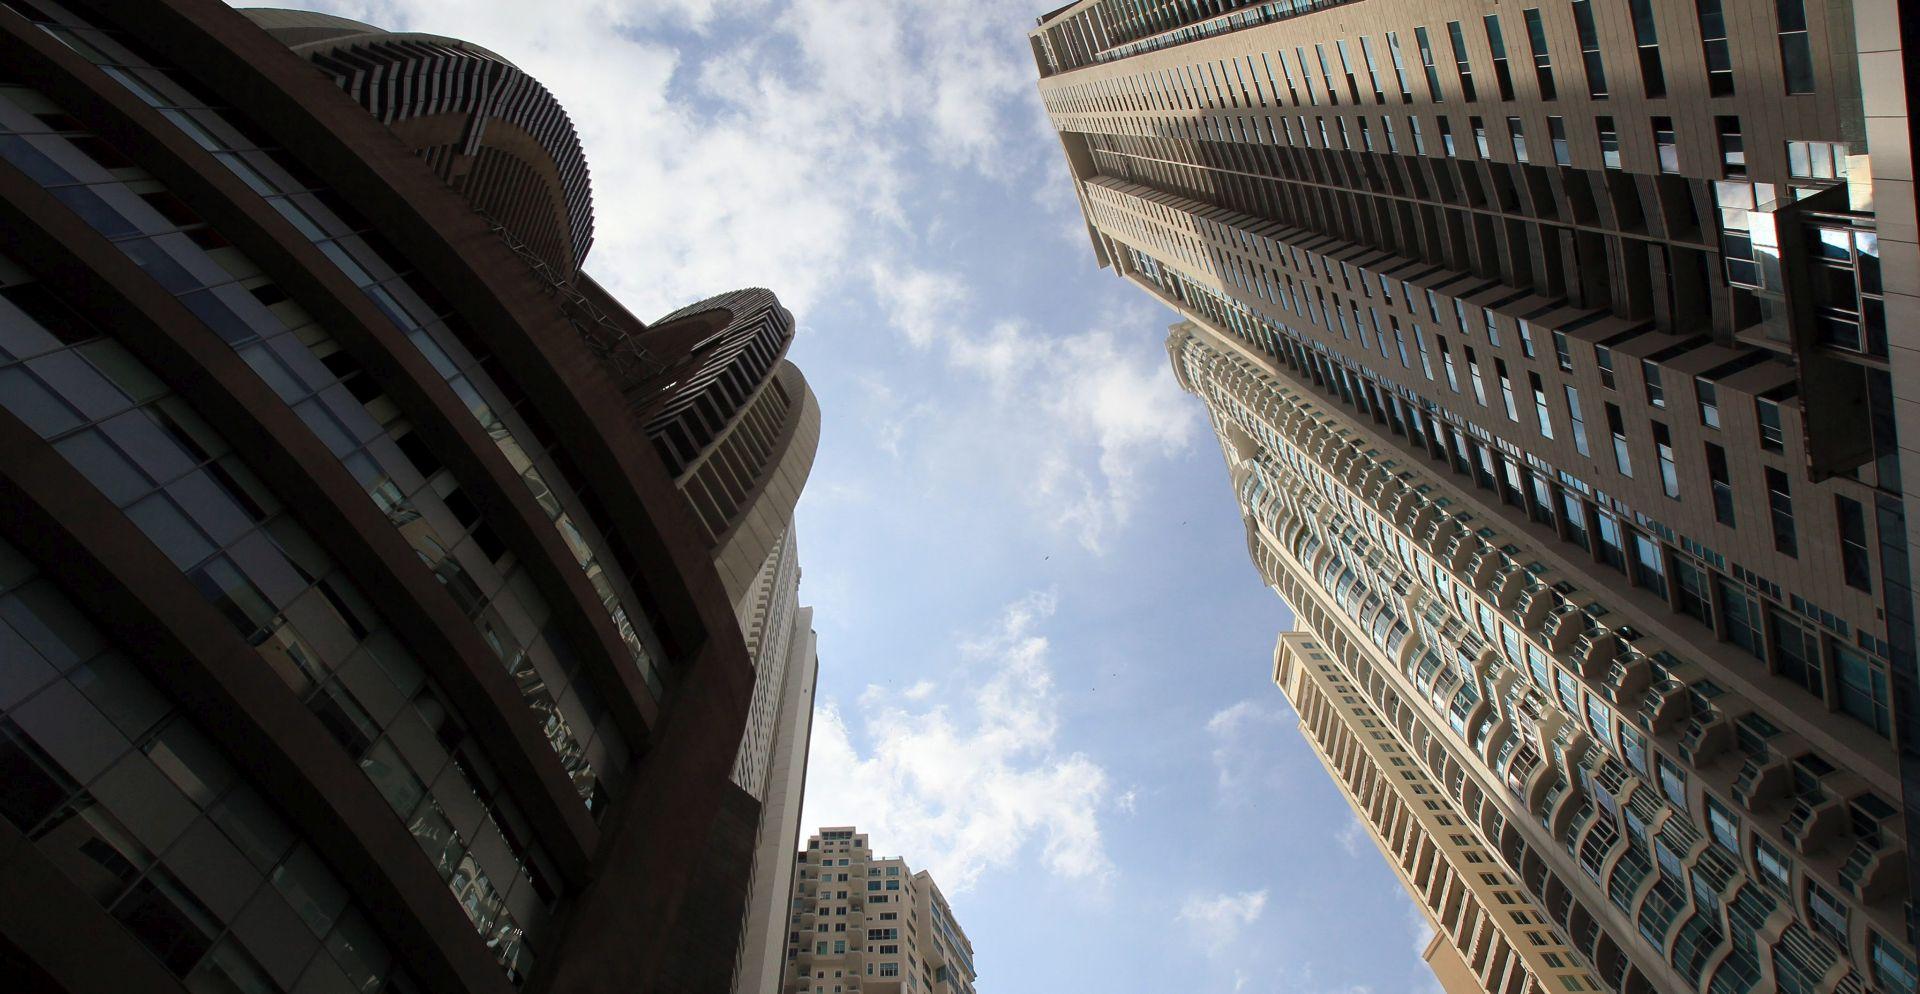 PANAMA PAPERS Zaplijenjena 25 milijuna vrijedna slika Modiglianija